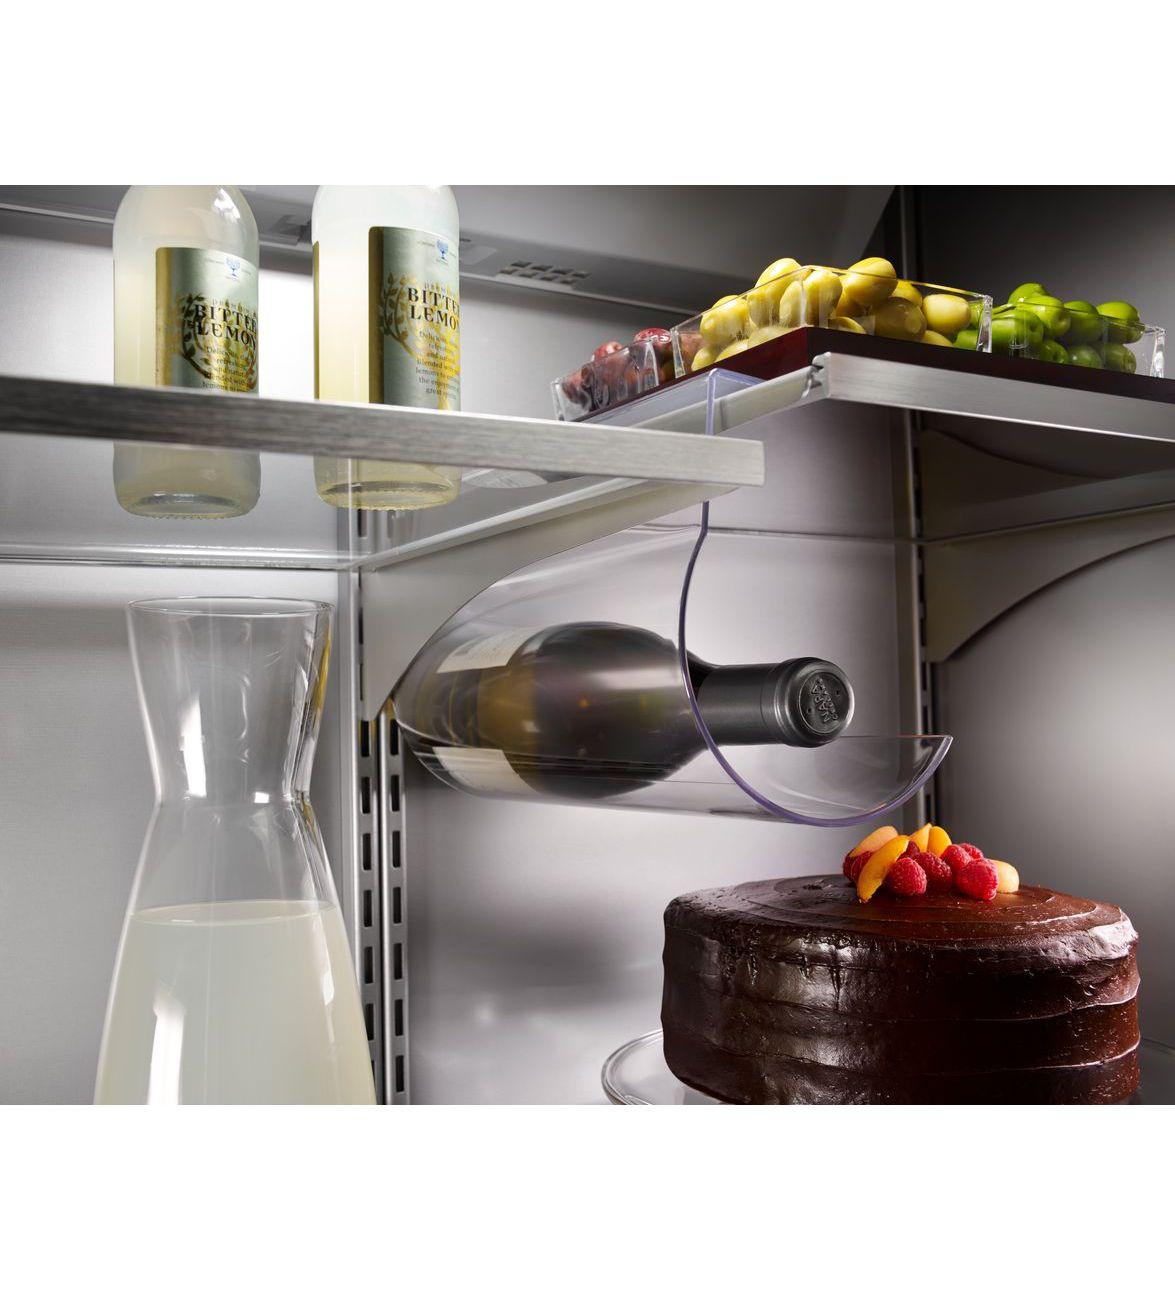 36 kitchenaid 20 8 cu ft built in stainless steel - Kitchenaid refrigerator platinum interior ...